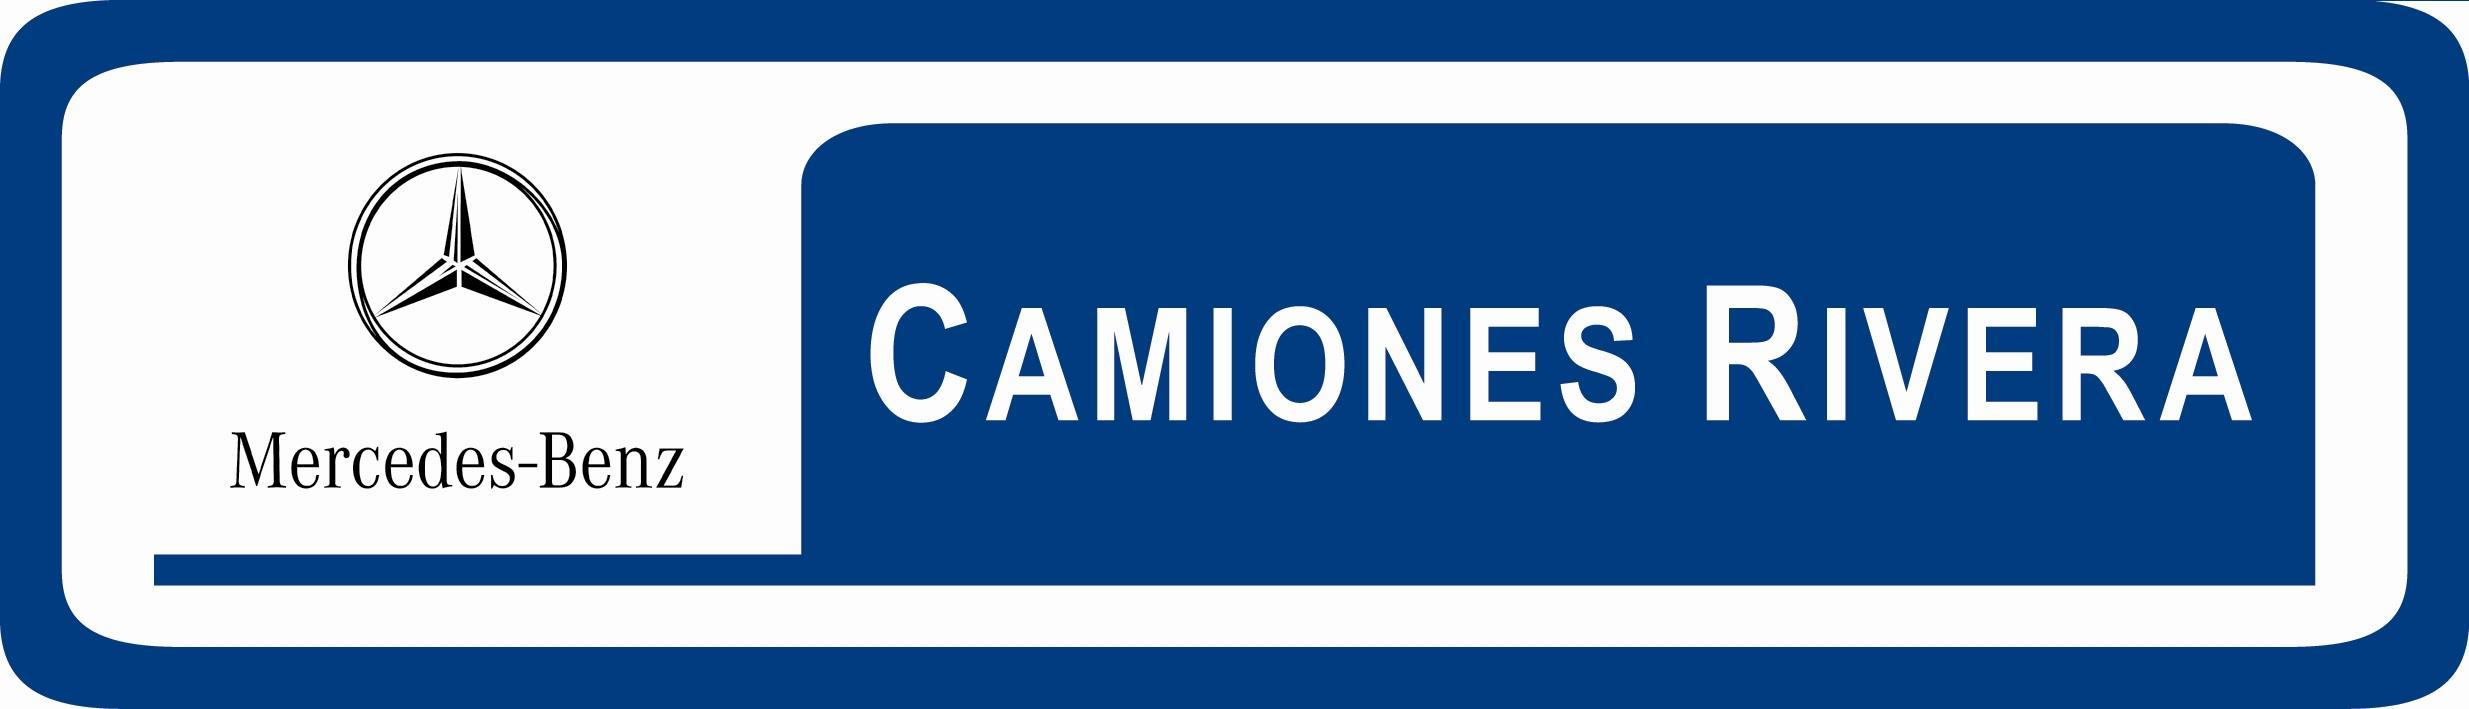 Ver más vehículos de Camiones Rivera